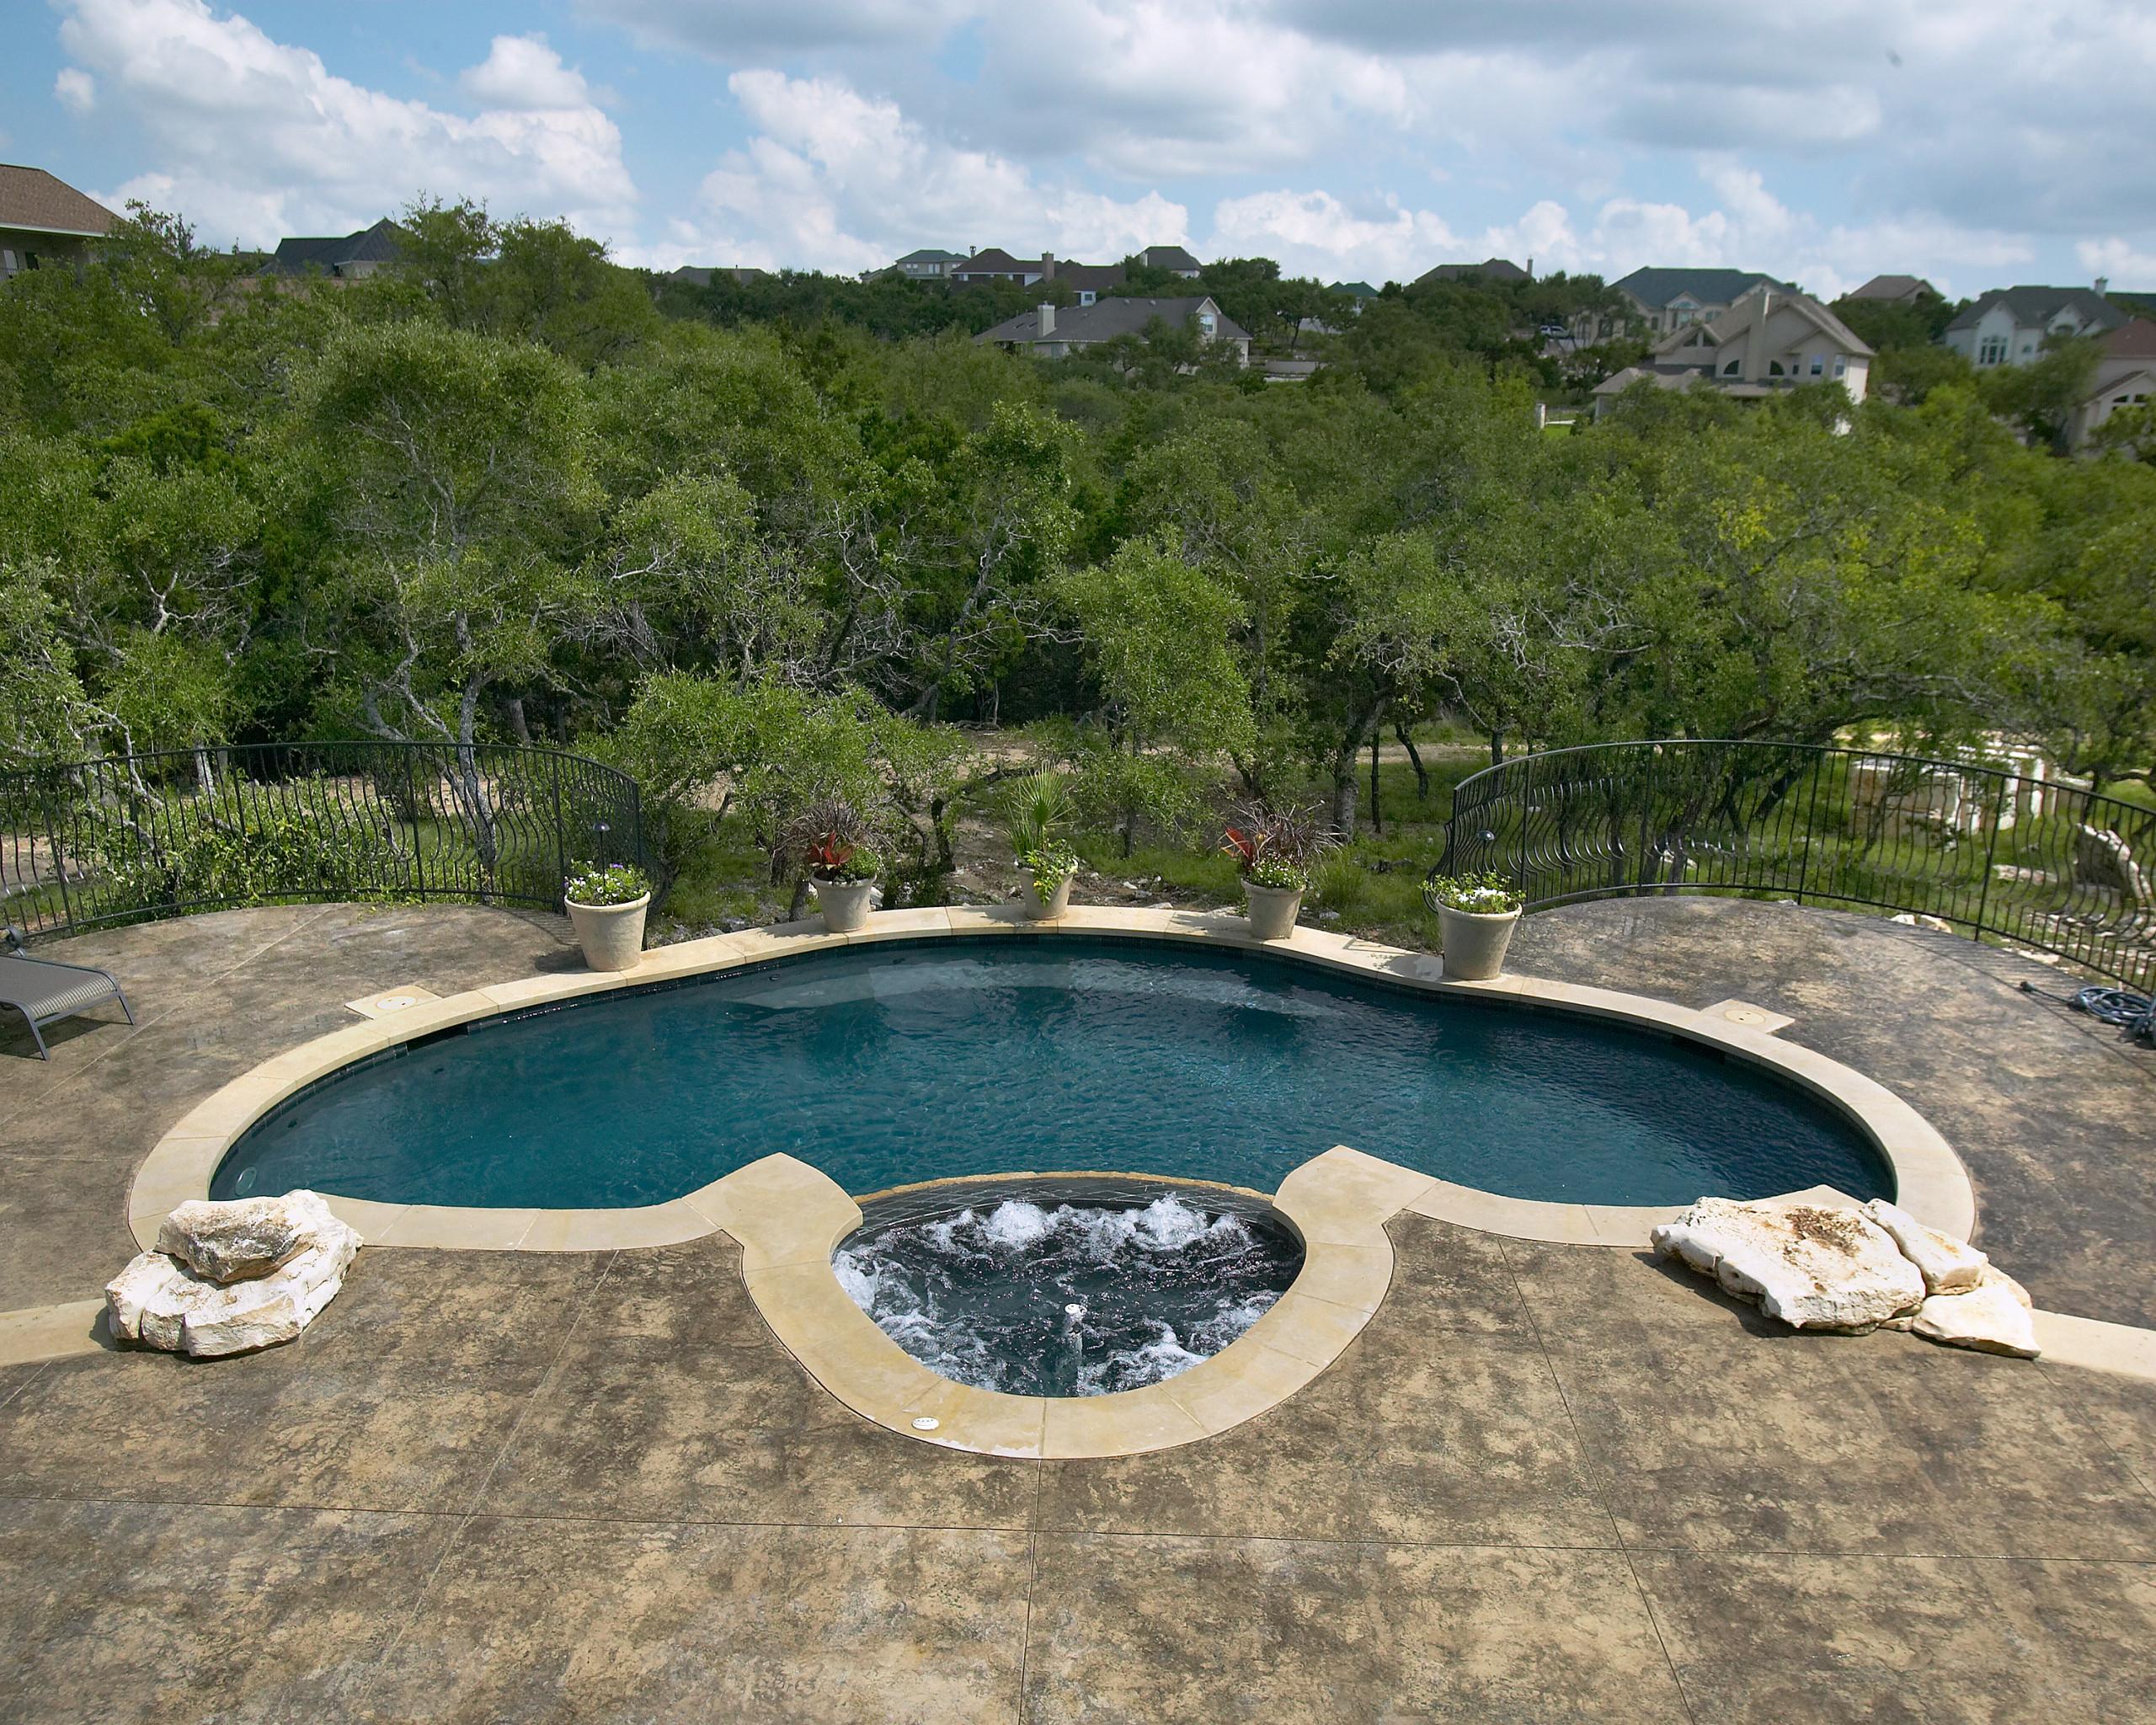 San Antonio Formal Pool/Spa